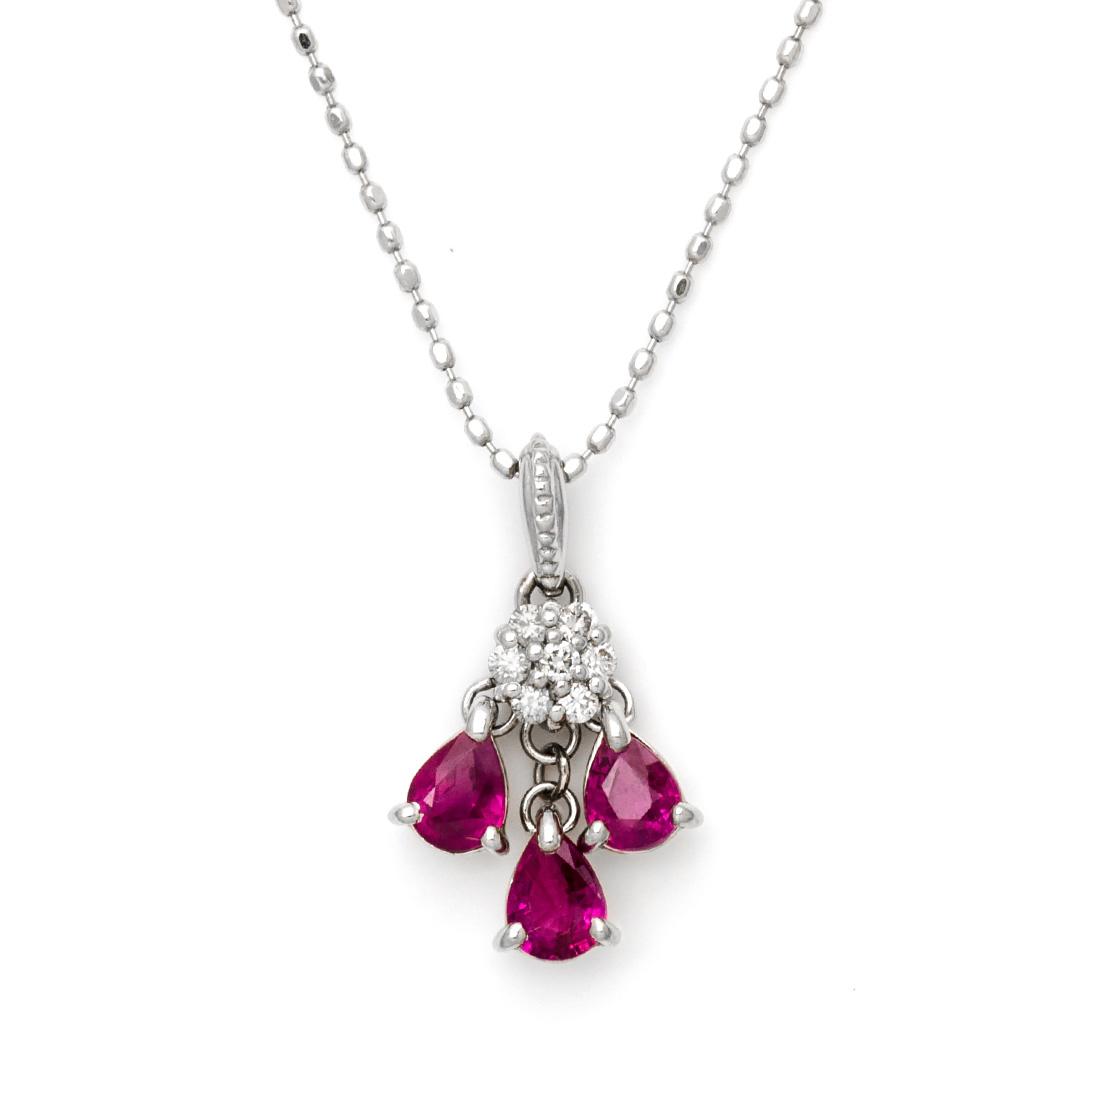 K18 ルビー ダイヤモンド ペンダントトップ 「lumiera」送料無料 ネックレス ダイアモンド 誕生日 7月誕生石 18K 18金 ゴールド 記念日 メッセージ ギフト 贈り物